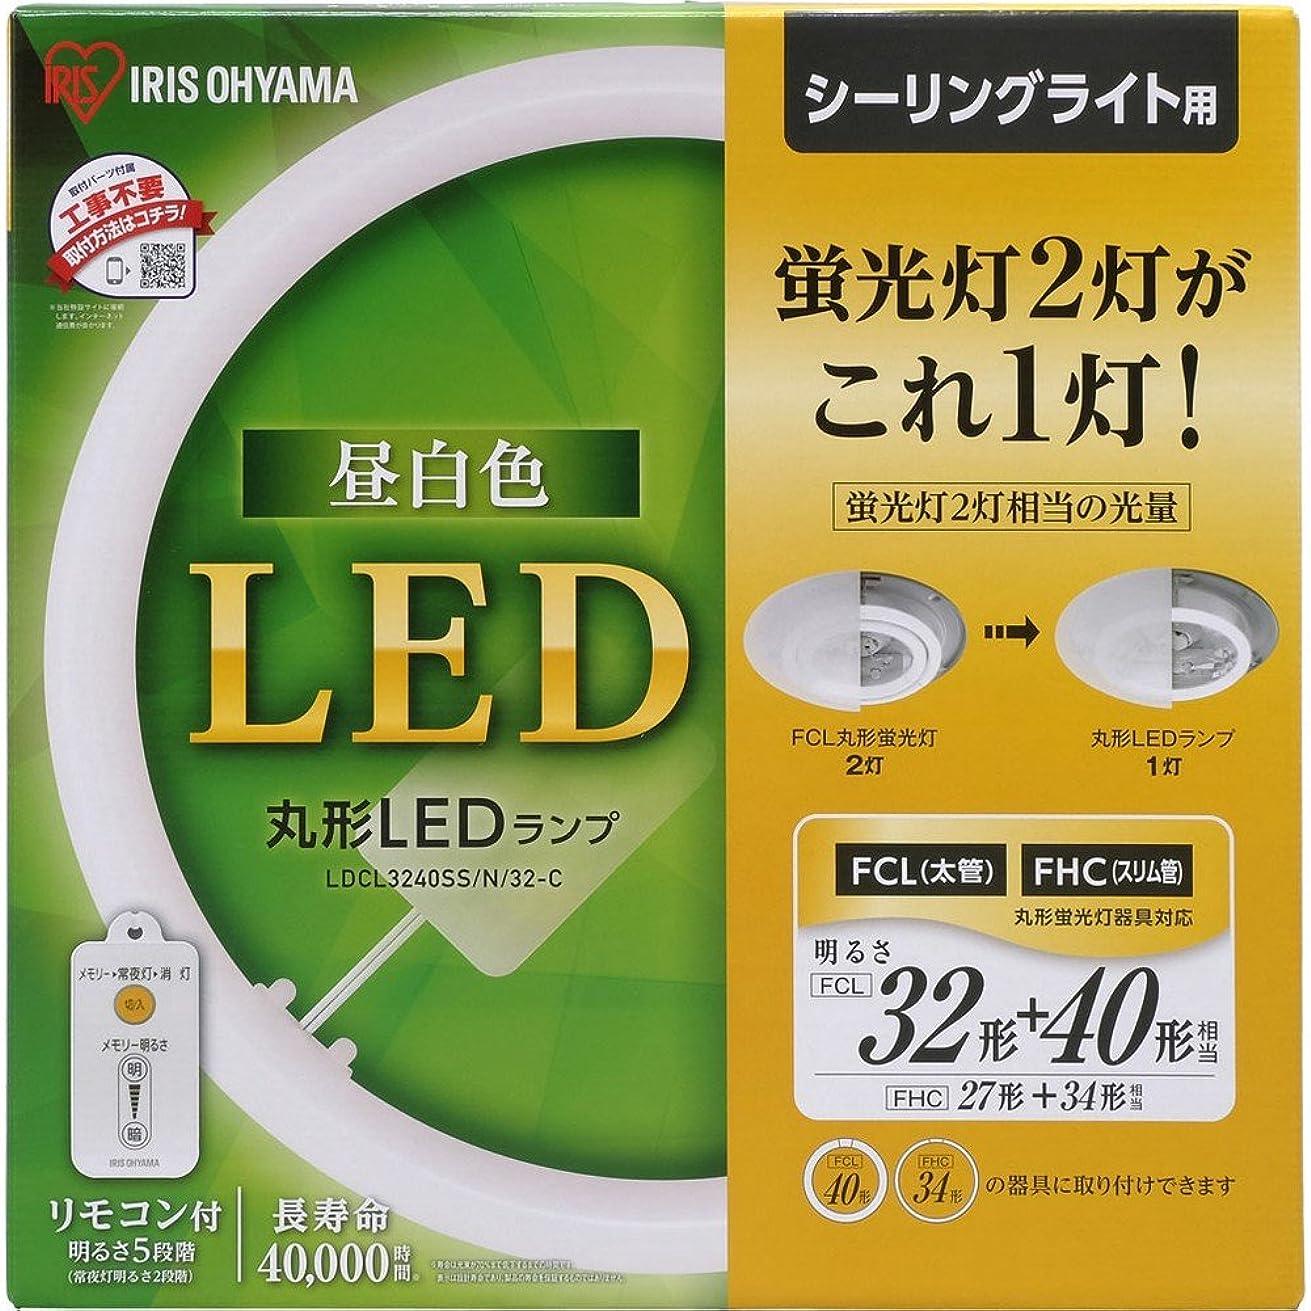 温かいヒール重さアイリスオーヤマ LED 丸型 (FCL) 32形+40形 昼白色 シーリング用 省エネ大賞受賞 蛍光灯 LDCL3240SS/N/32-C